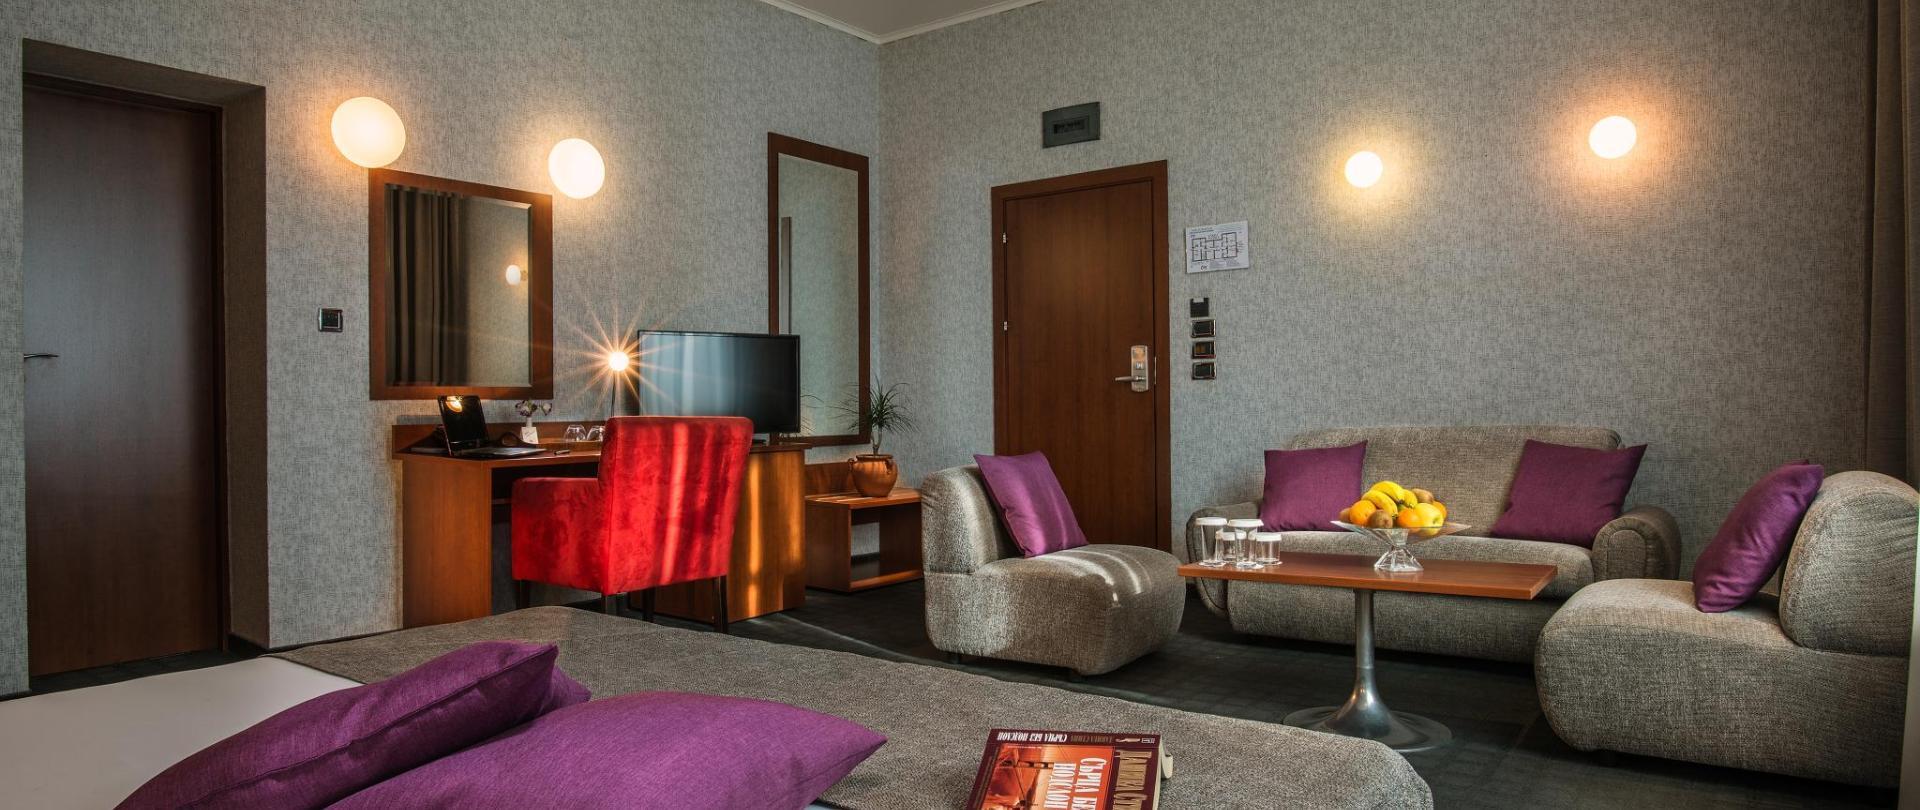 doubl bedroom 1.jpg